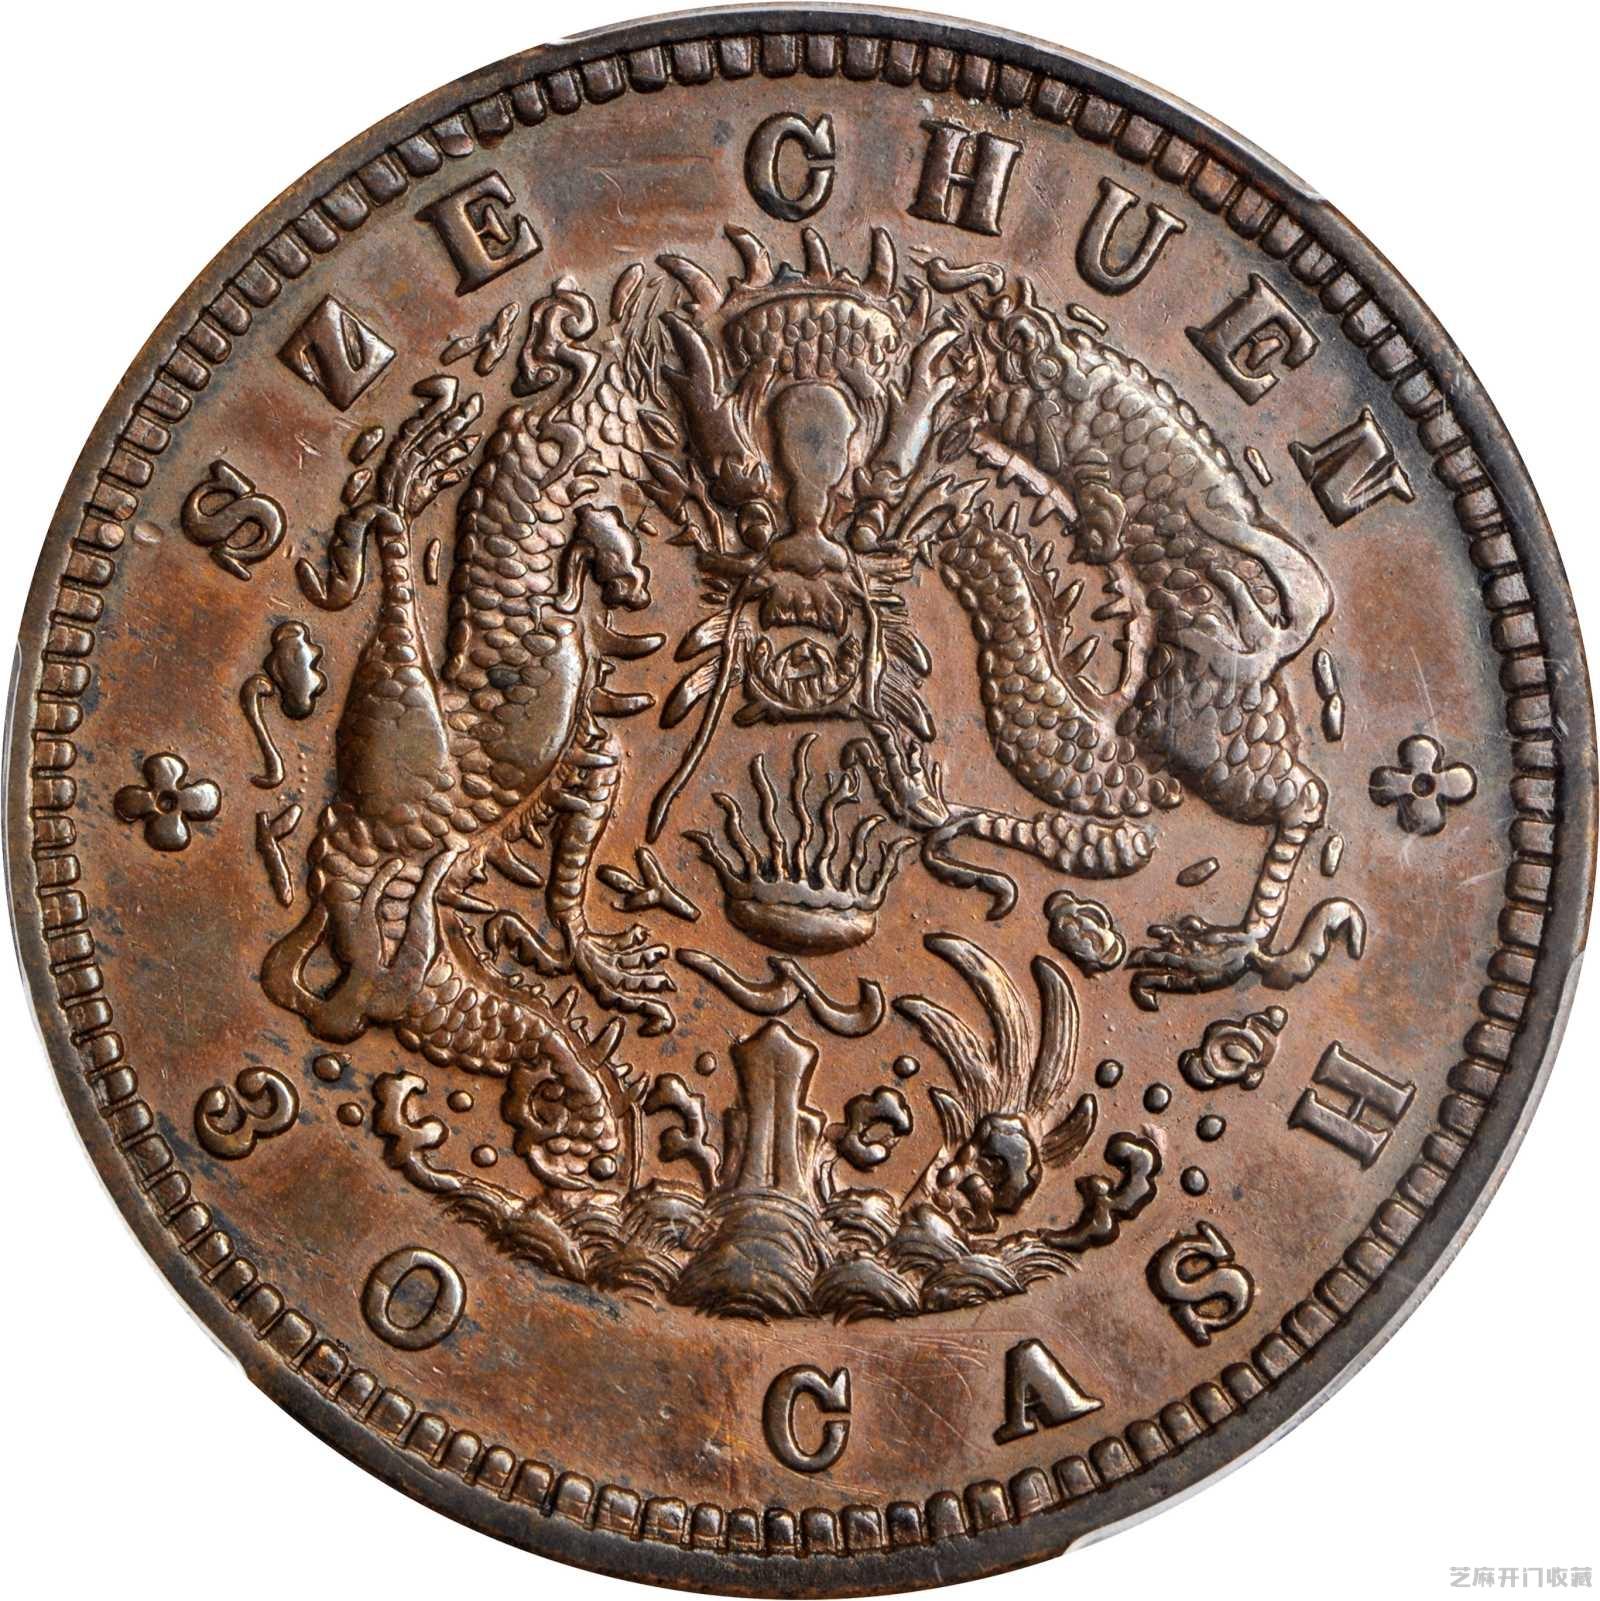 [拍卖法全文]古币光绪元宝值多少钱 最高的值三百多万呢